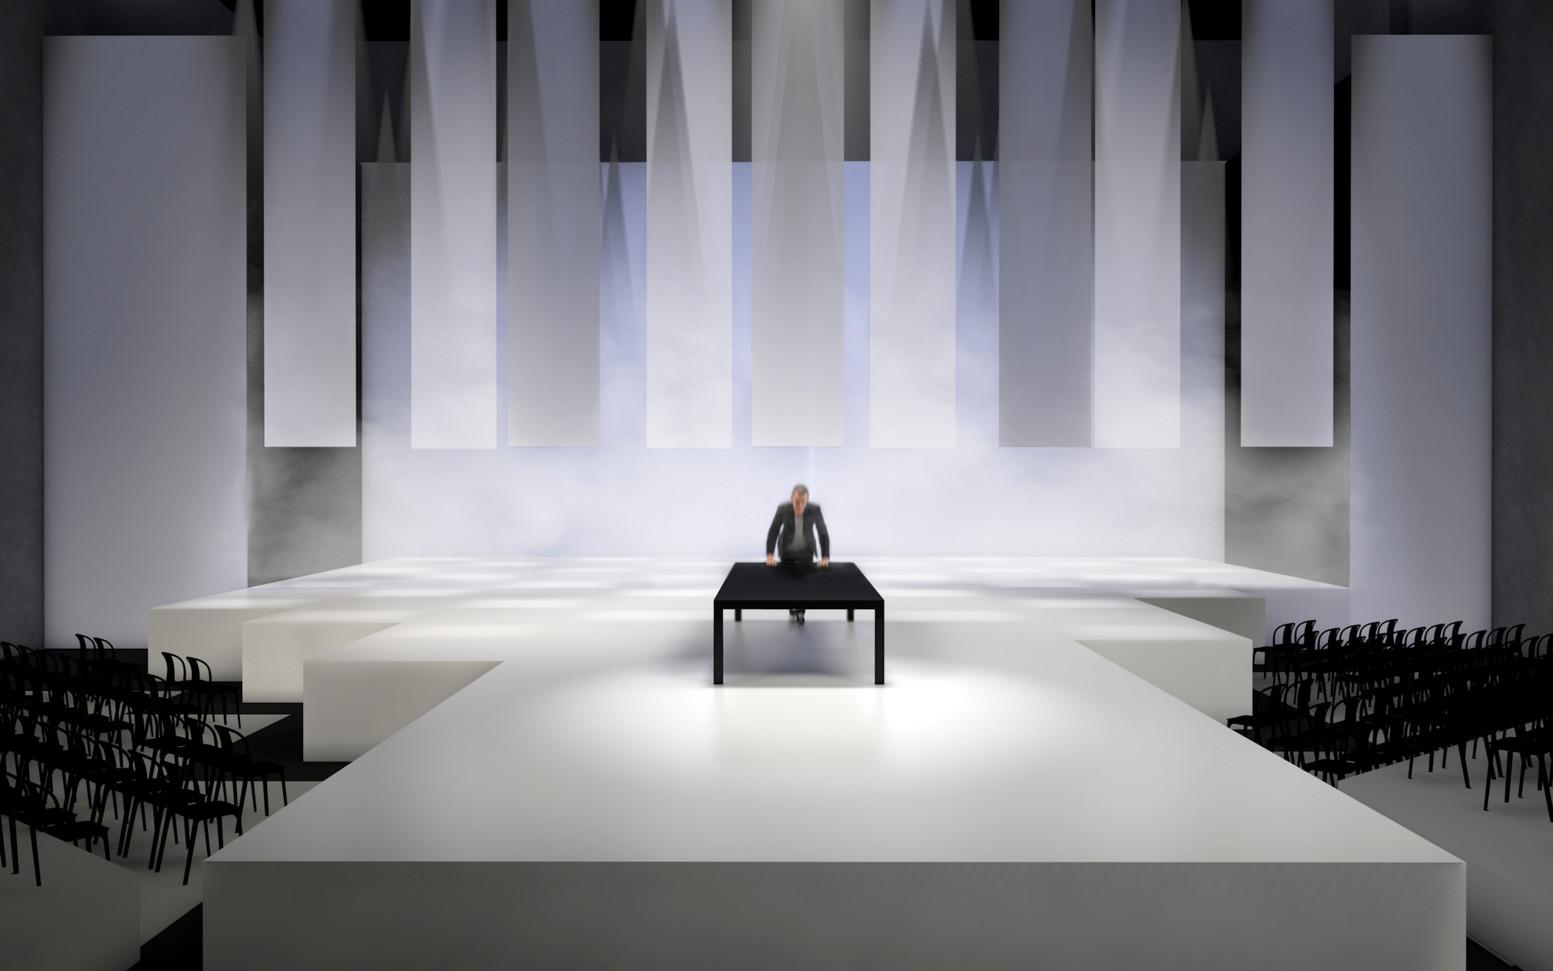 """Rendering für den Entwurf des Bühnenbilds für das Stück """"Strebsam sei der Mensch"""" - Ein Projekt an der Muthesius Kunsthochschule, mit Anne Lamprecht und Berit Reutershan"""